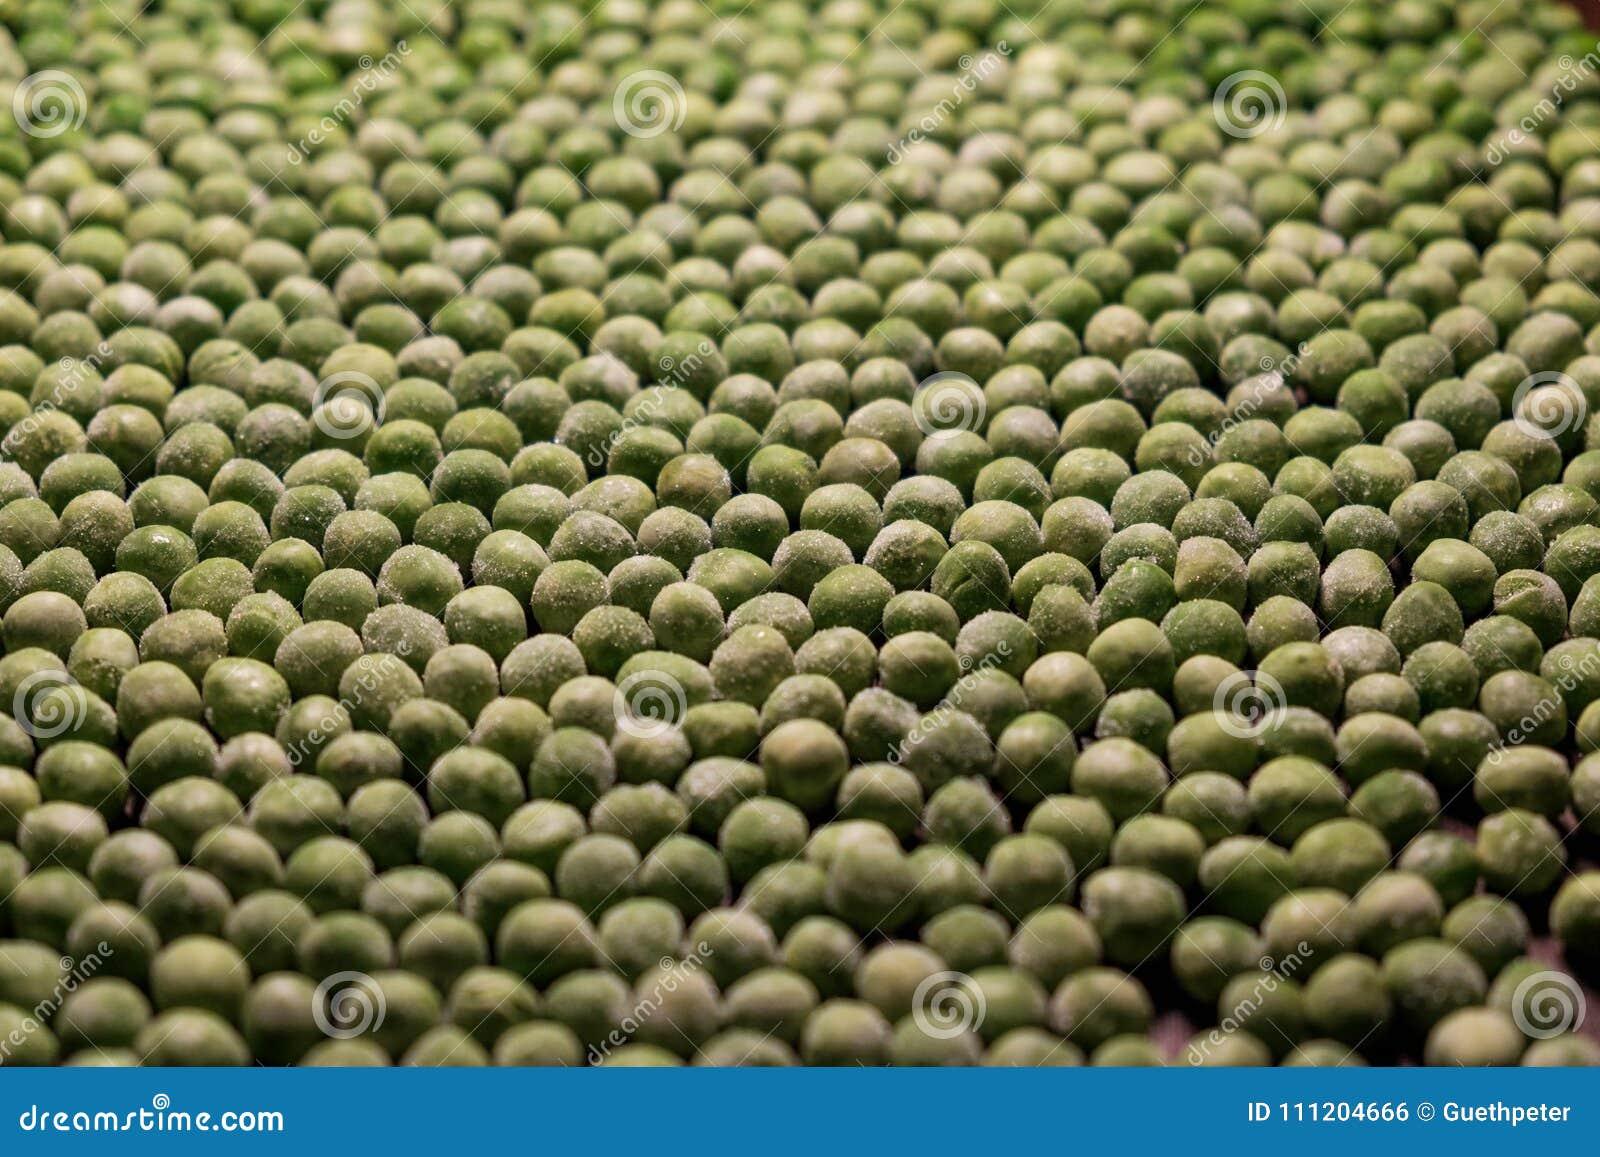 Natural Patterns - Green Pea Stock Photo - Image of natural, life ...